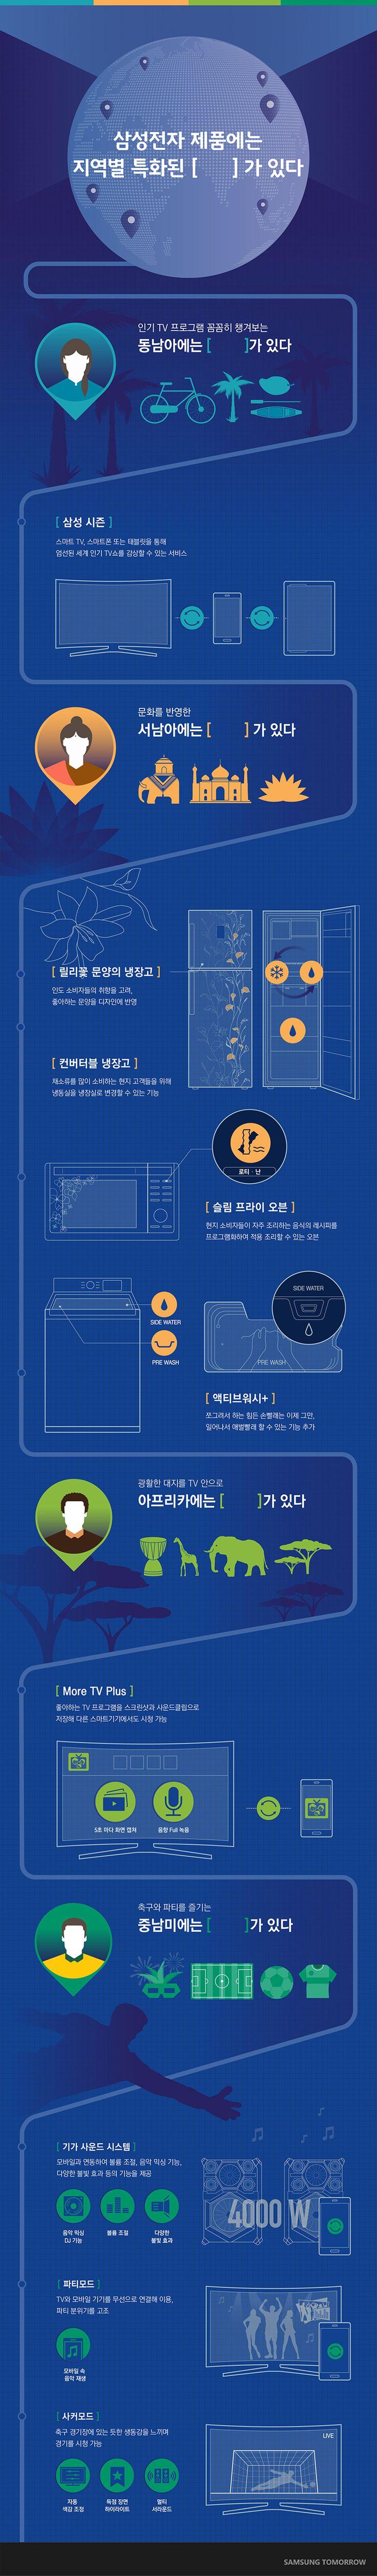 2015 삼성전자 글로벌 지역특화 제품에 관한 인포그래픽